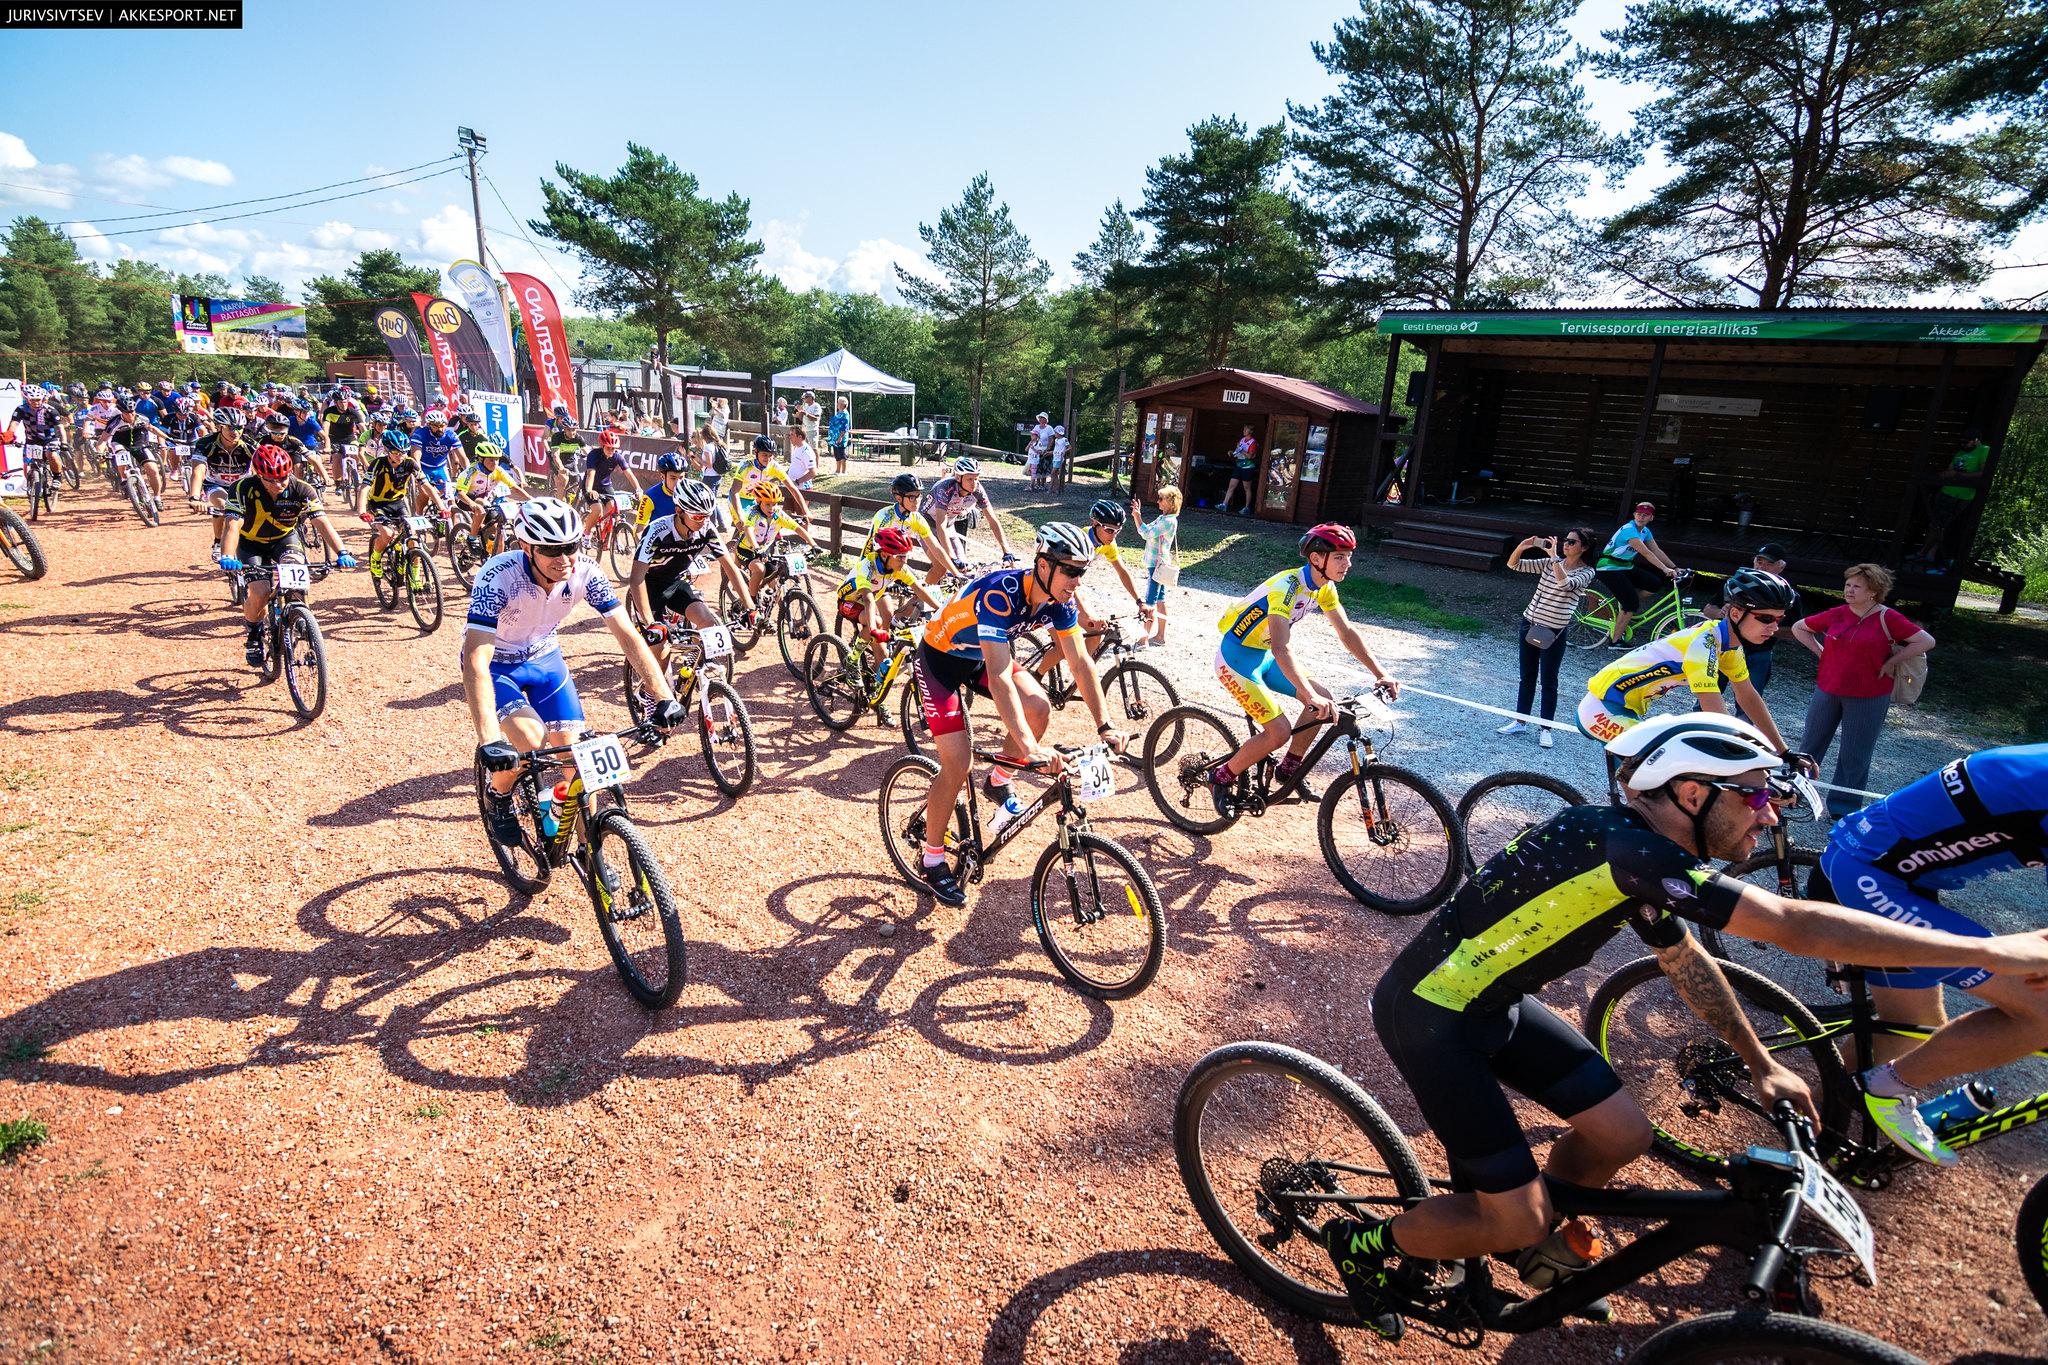 Среди участников Нарвского велосипедного заезда будет разыгран велосипед